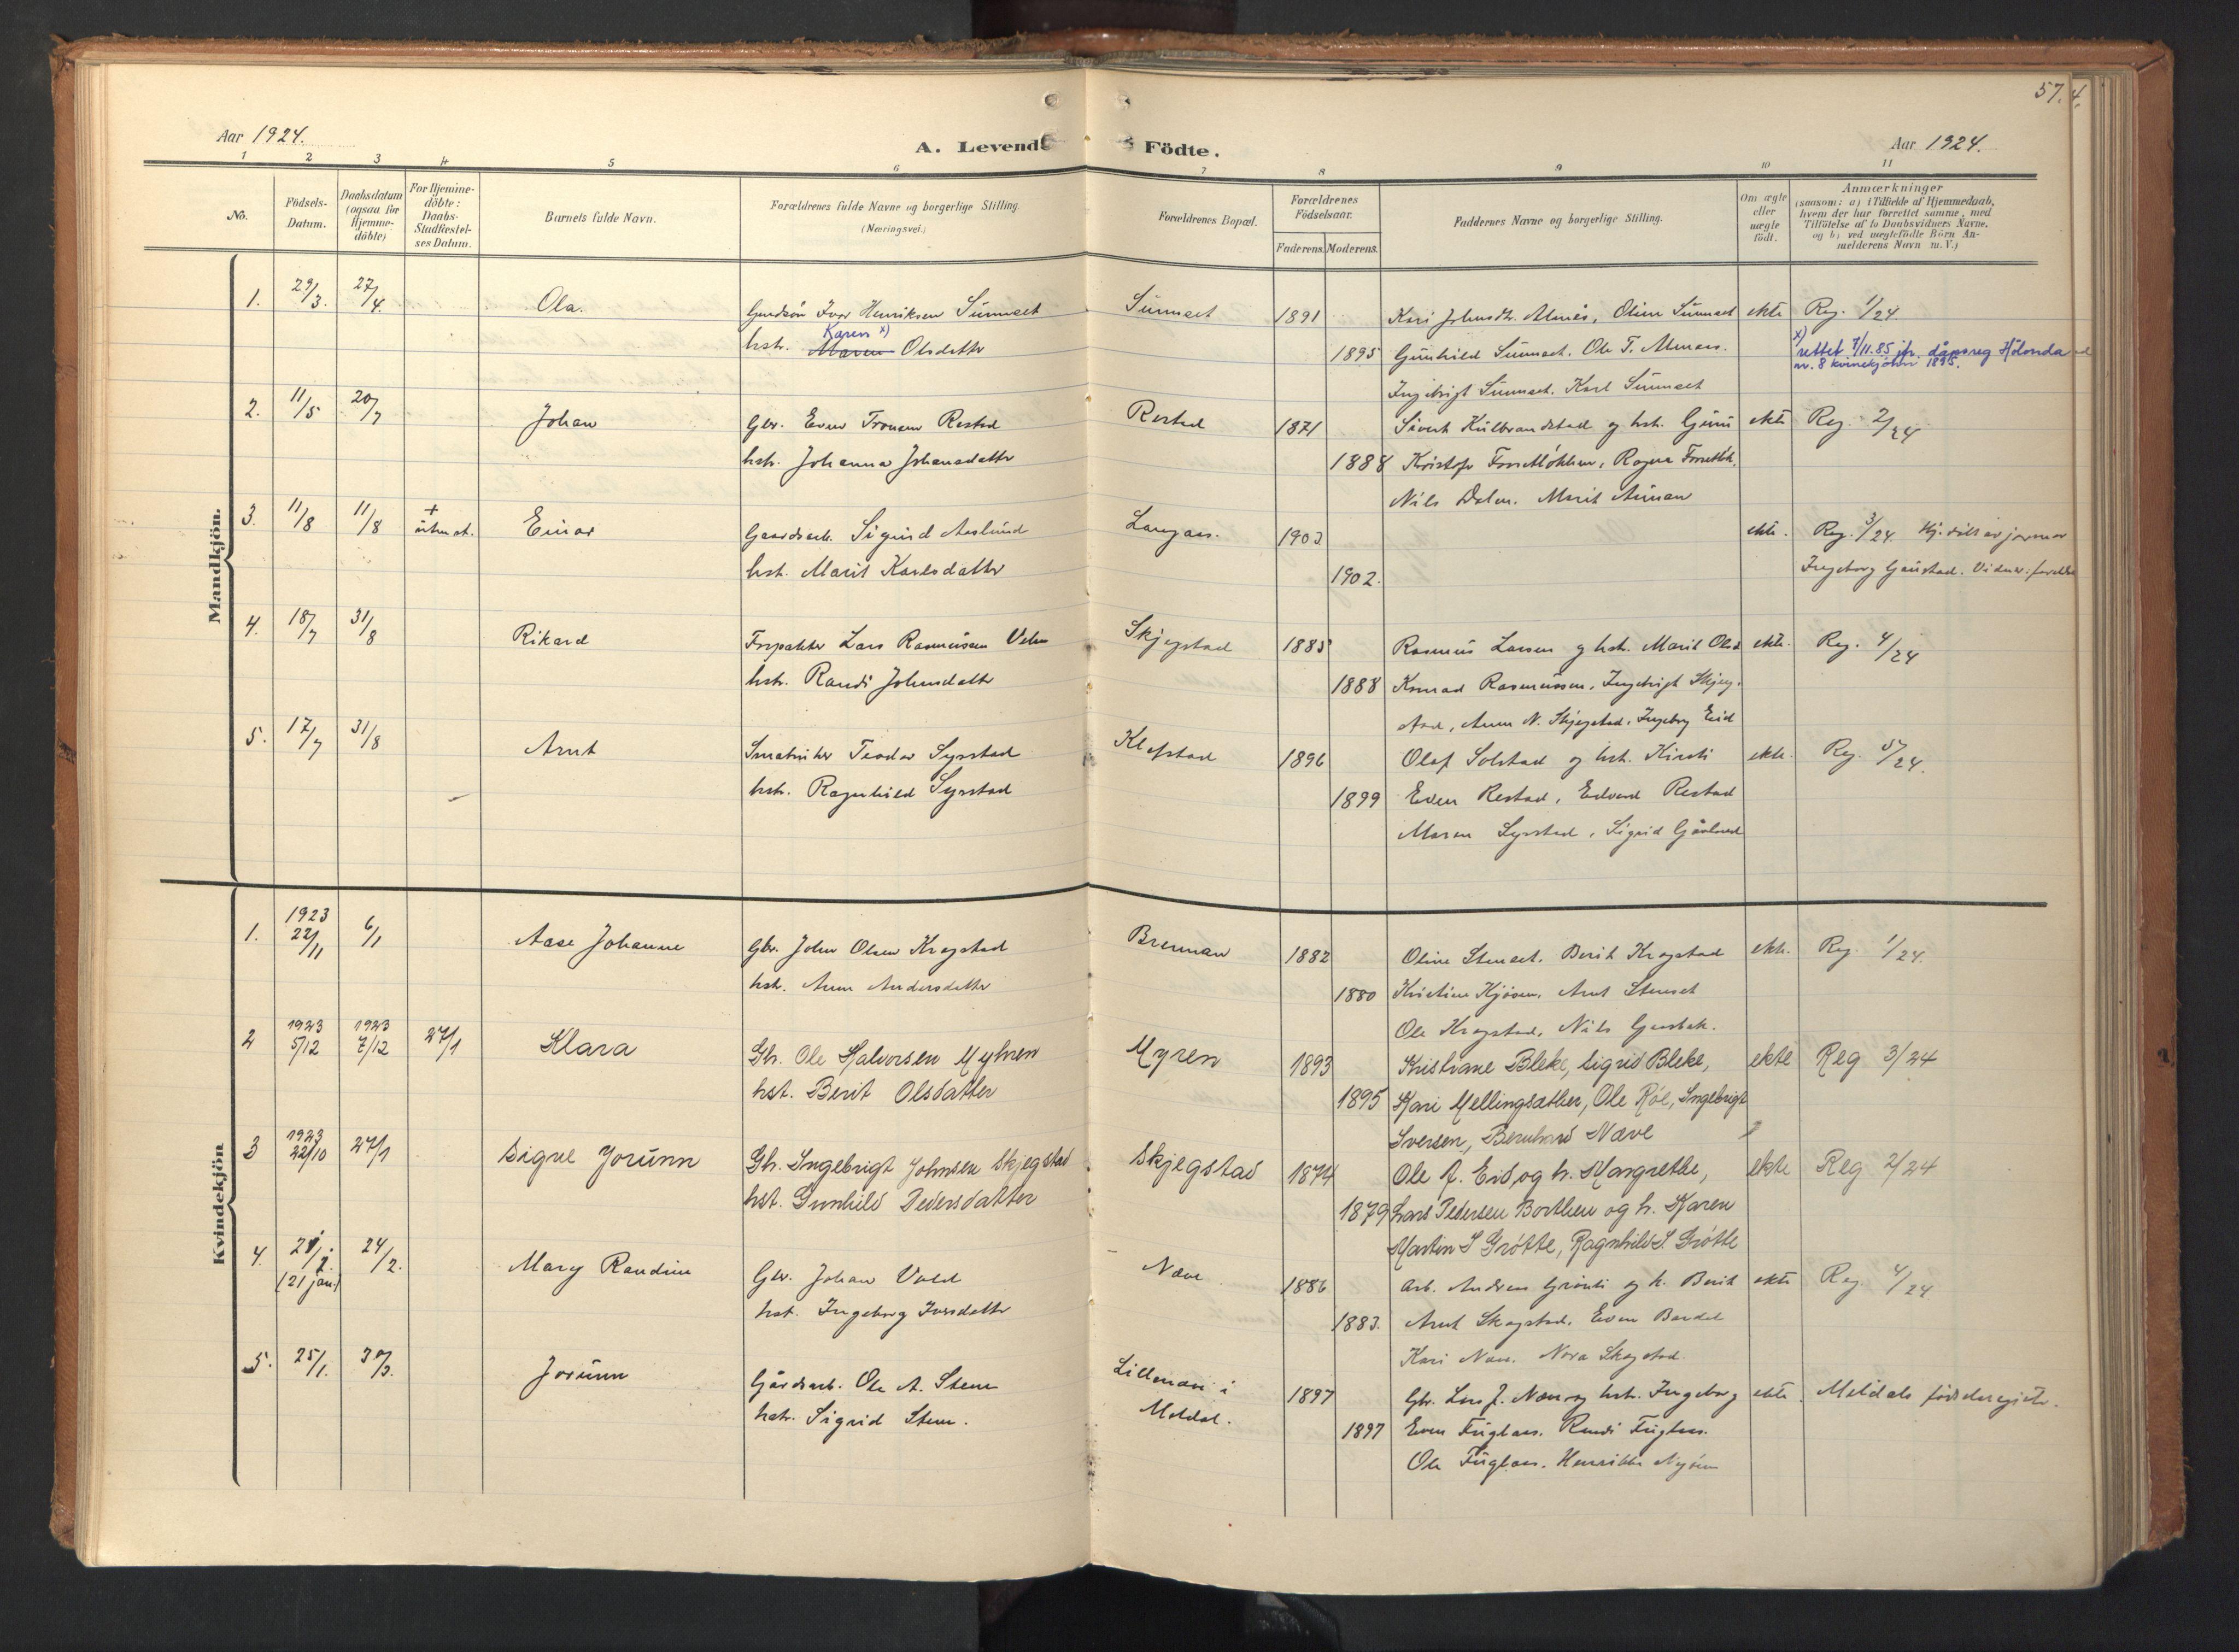 SAT, Ministerialprotokoller, klokkerbøker og fødselsregistre - Sør-Trøndelag, 694/L1128: Ministerialbok nr. 694A02, 1906-1931, s. 57